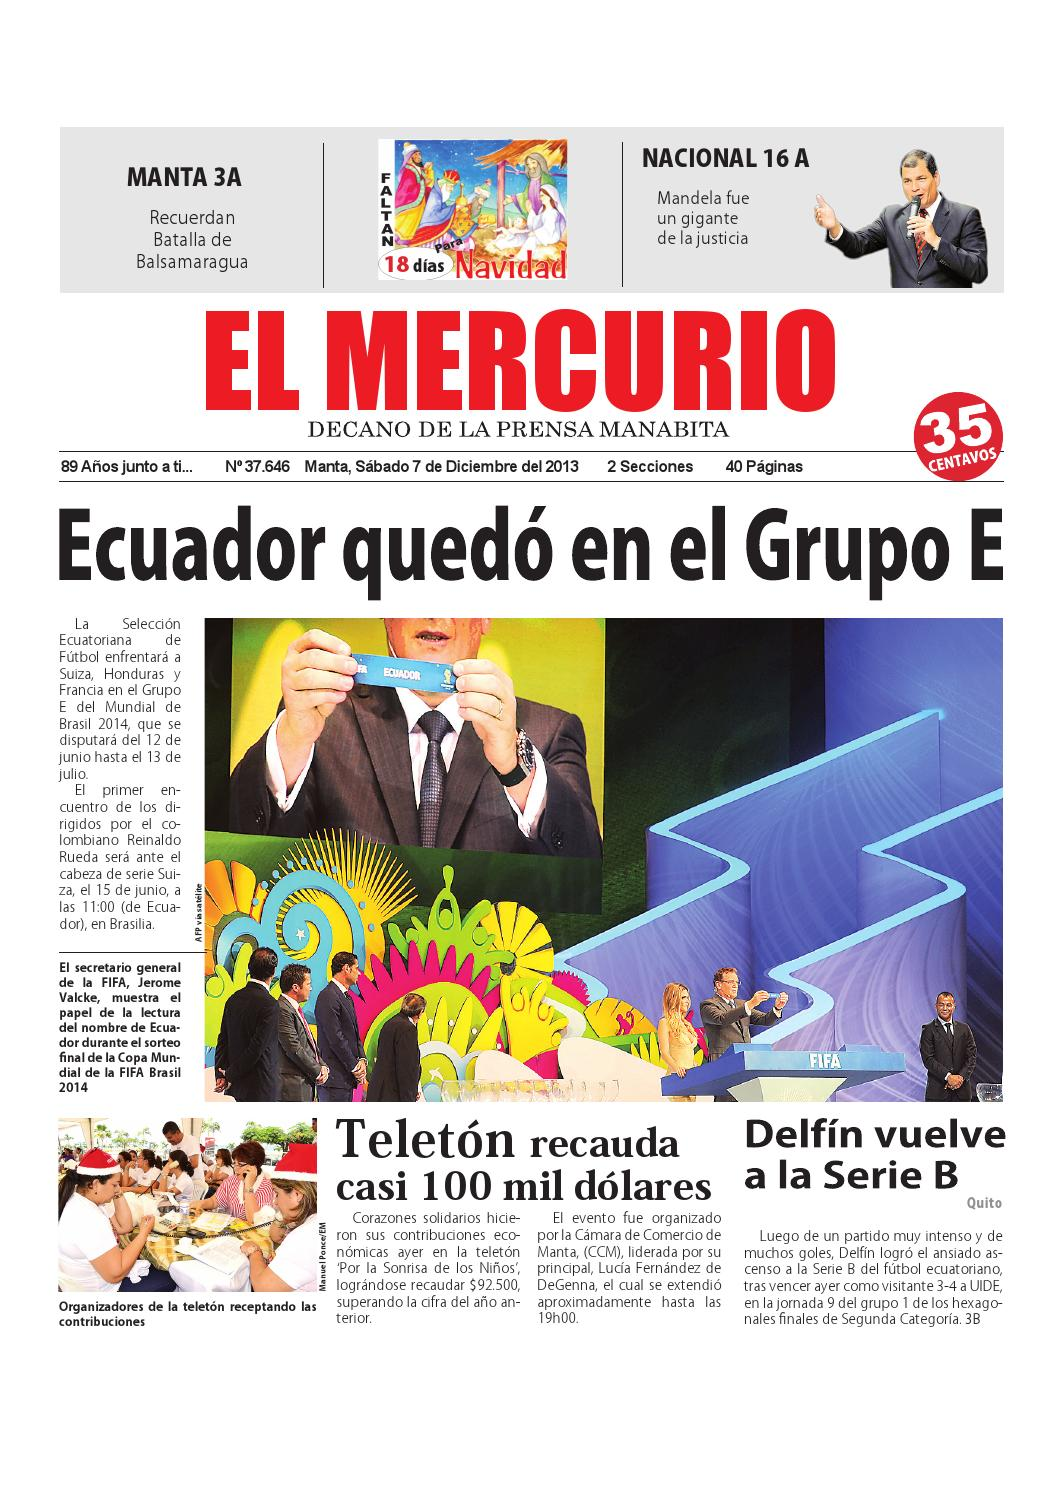 Mercurio sábado 7 de diciembre del 2013 by Diario El mercurio - issuu 147dc16b70d